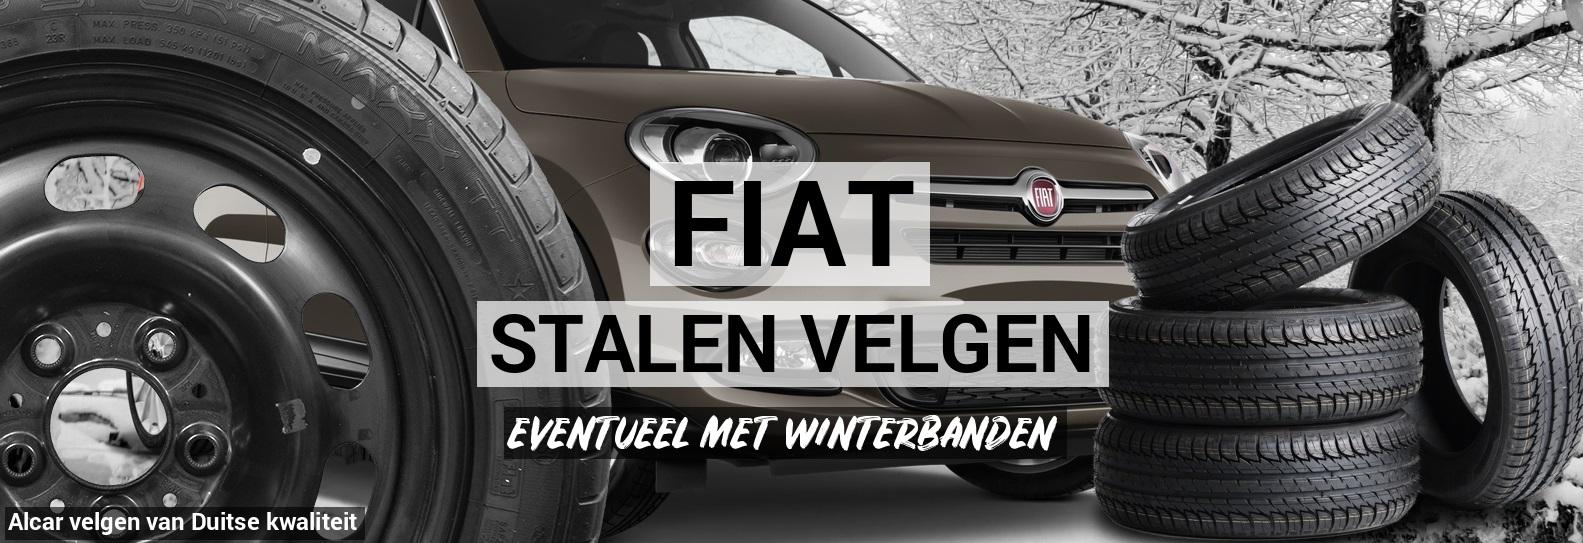 Fiat 500 Winterbanden Scv49 Tlyp